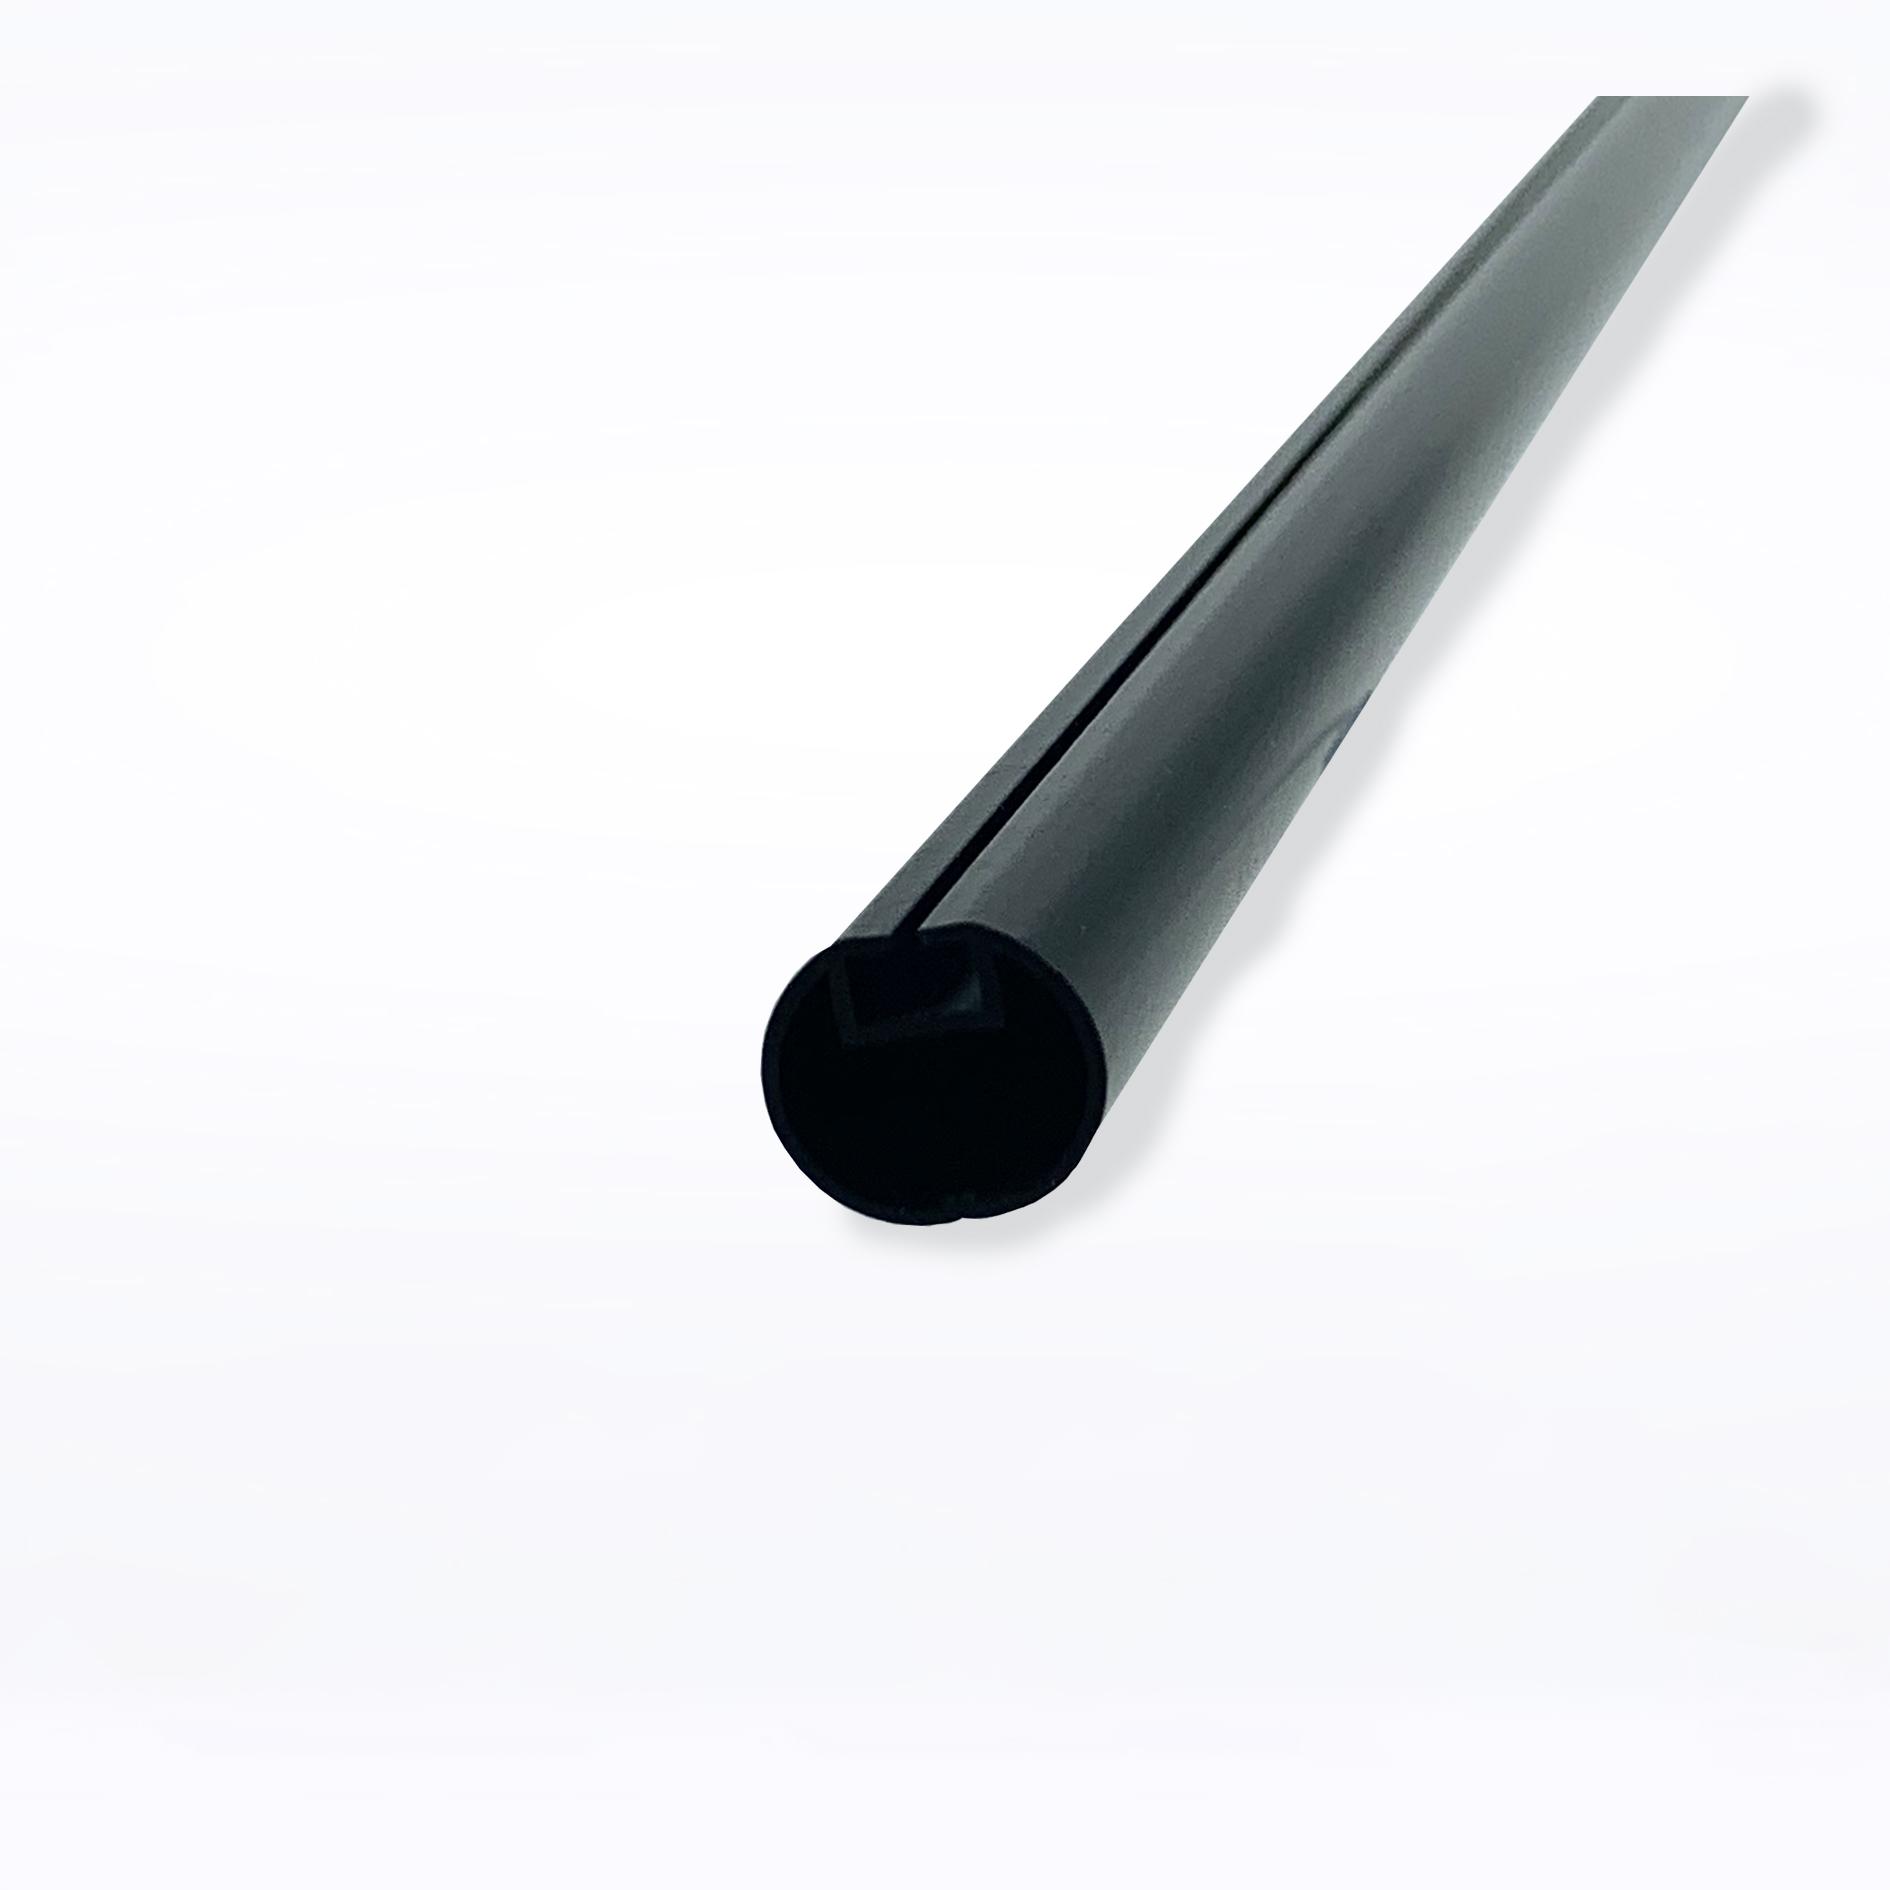 Round Profile 16.5mm Diameter x 2.57m - Black